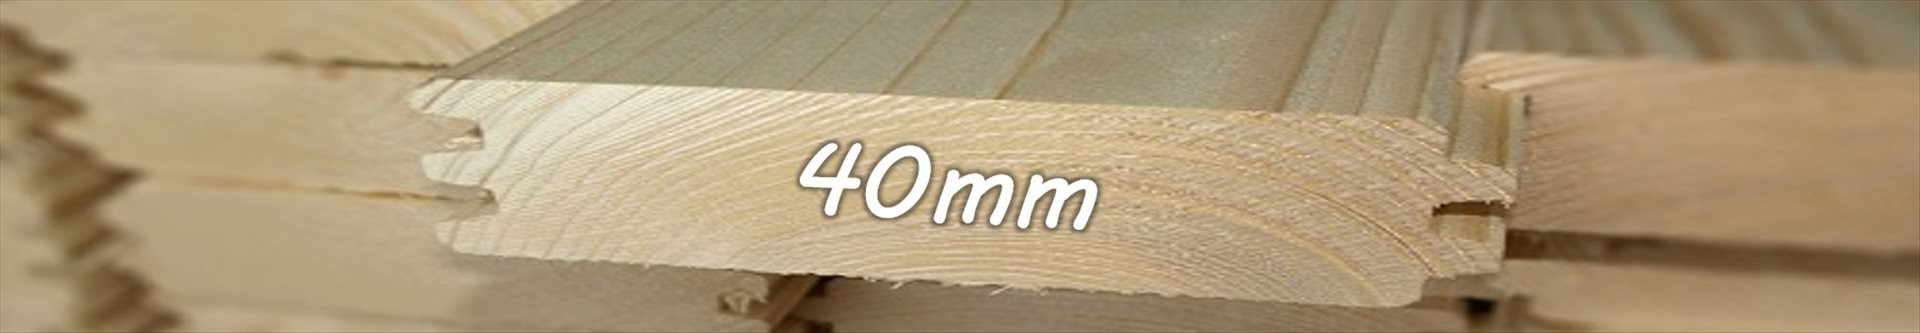 Gruix 40 mm